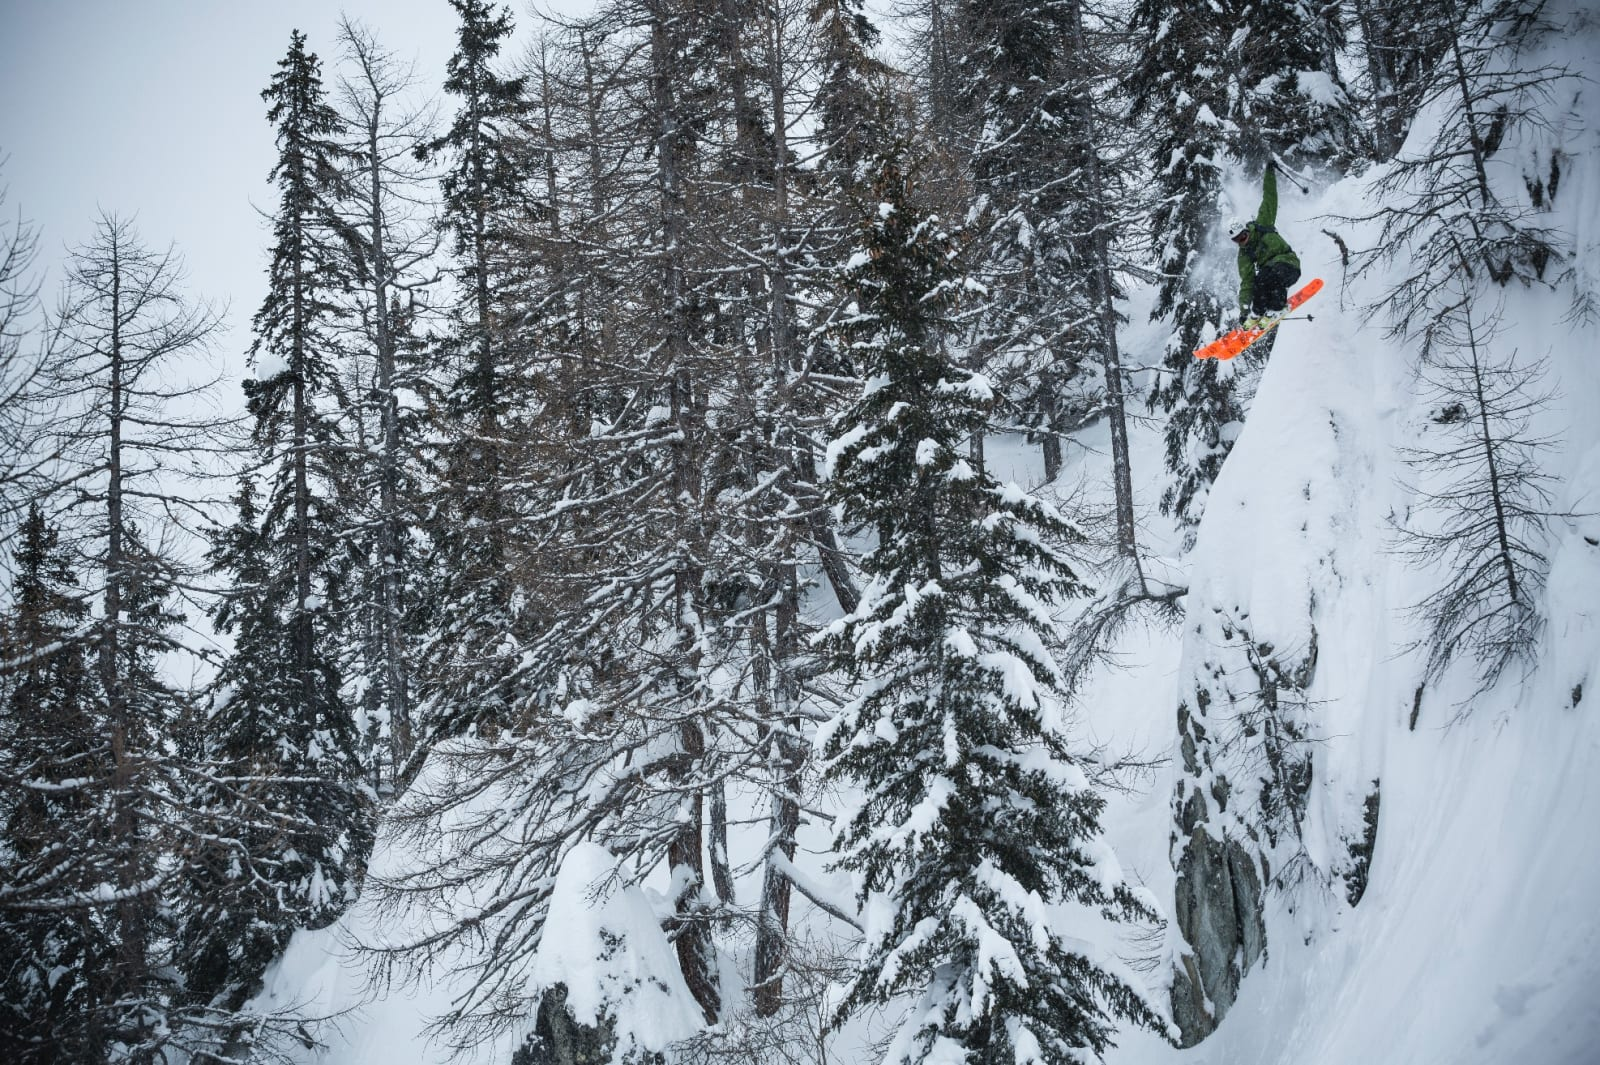 DRIFTIG: Enorm skiinteresse og en utrolig evne til å komme seg avgårde har gjort Nikolai Schirmer til en av Norges aller beste frikjørere. Bilde: Jeremy Bernard